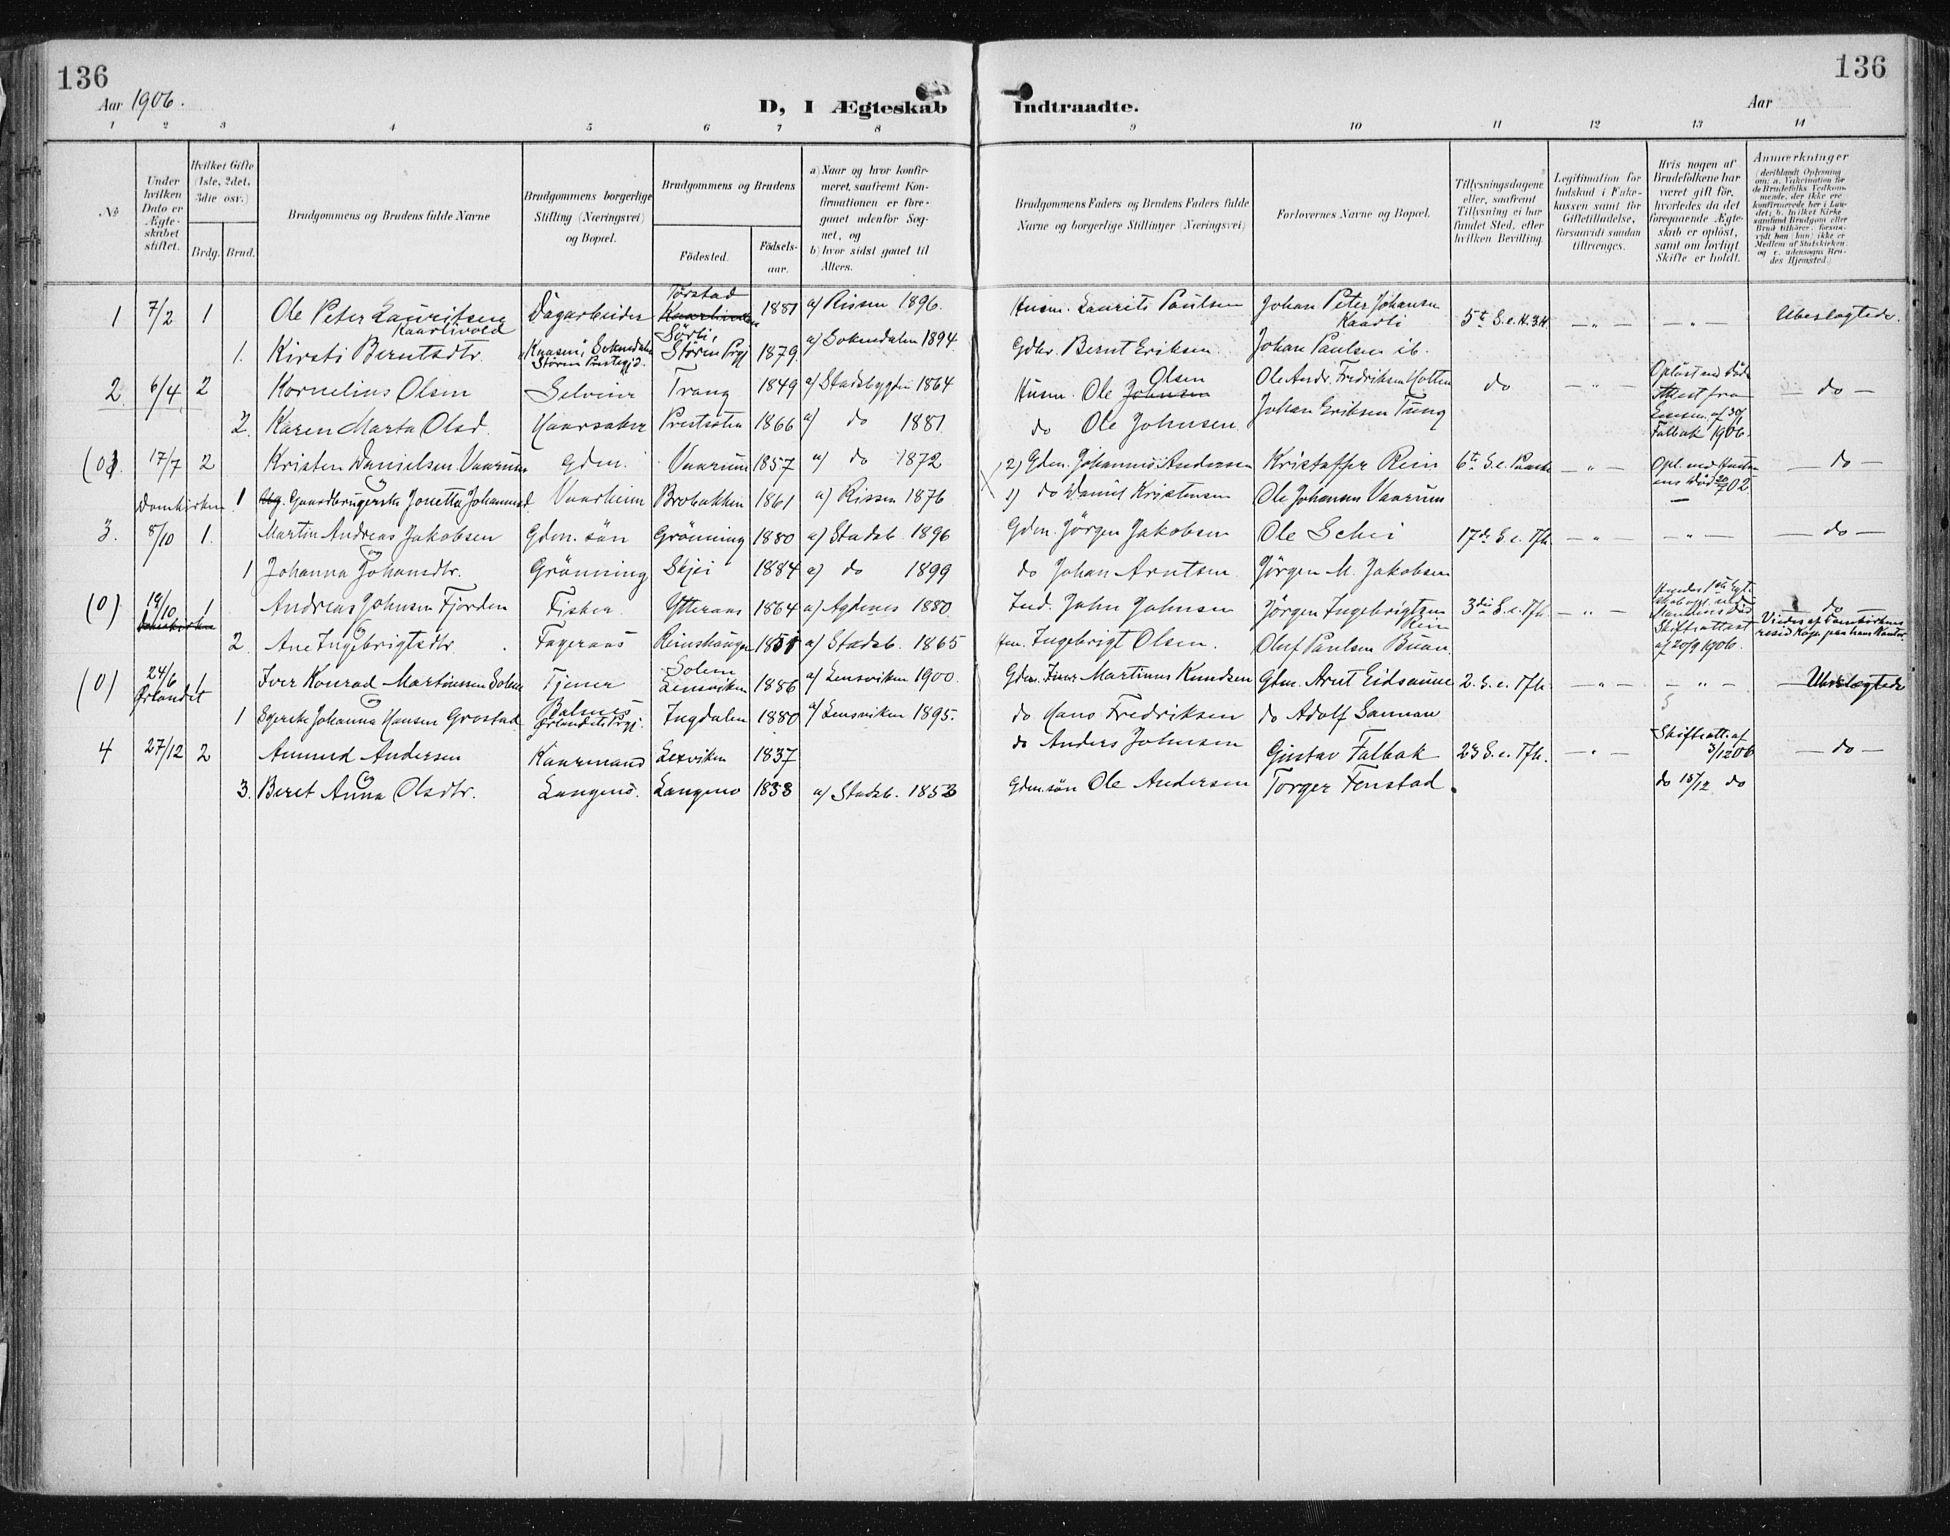 SAT, Ministerialprotokoller, klokkerbøker og fødselsregistre - Sør-Trøndelag, 646/L0616: Ministerialbok nr. 646A14, 1900-1918, s. 136